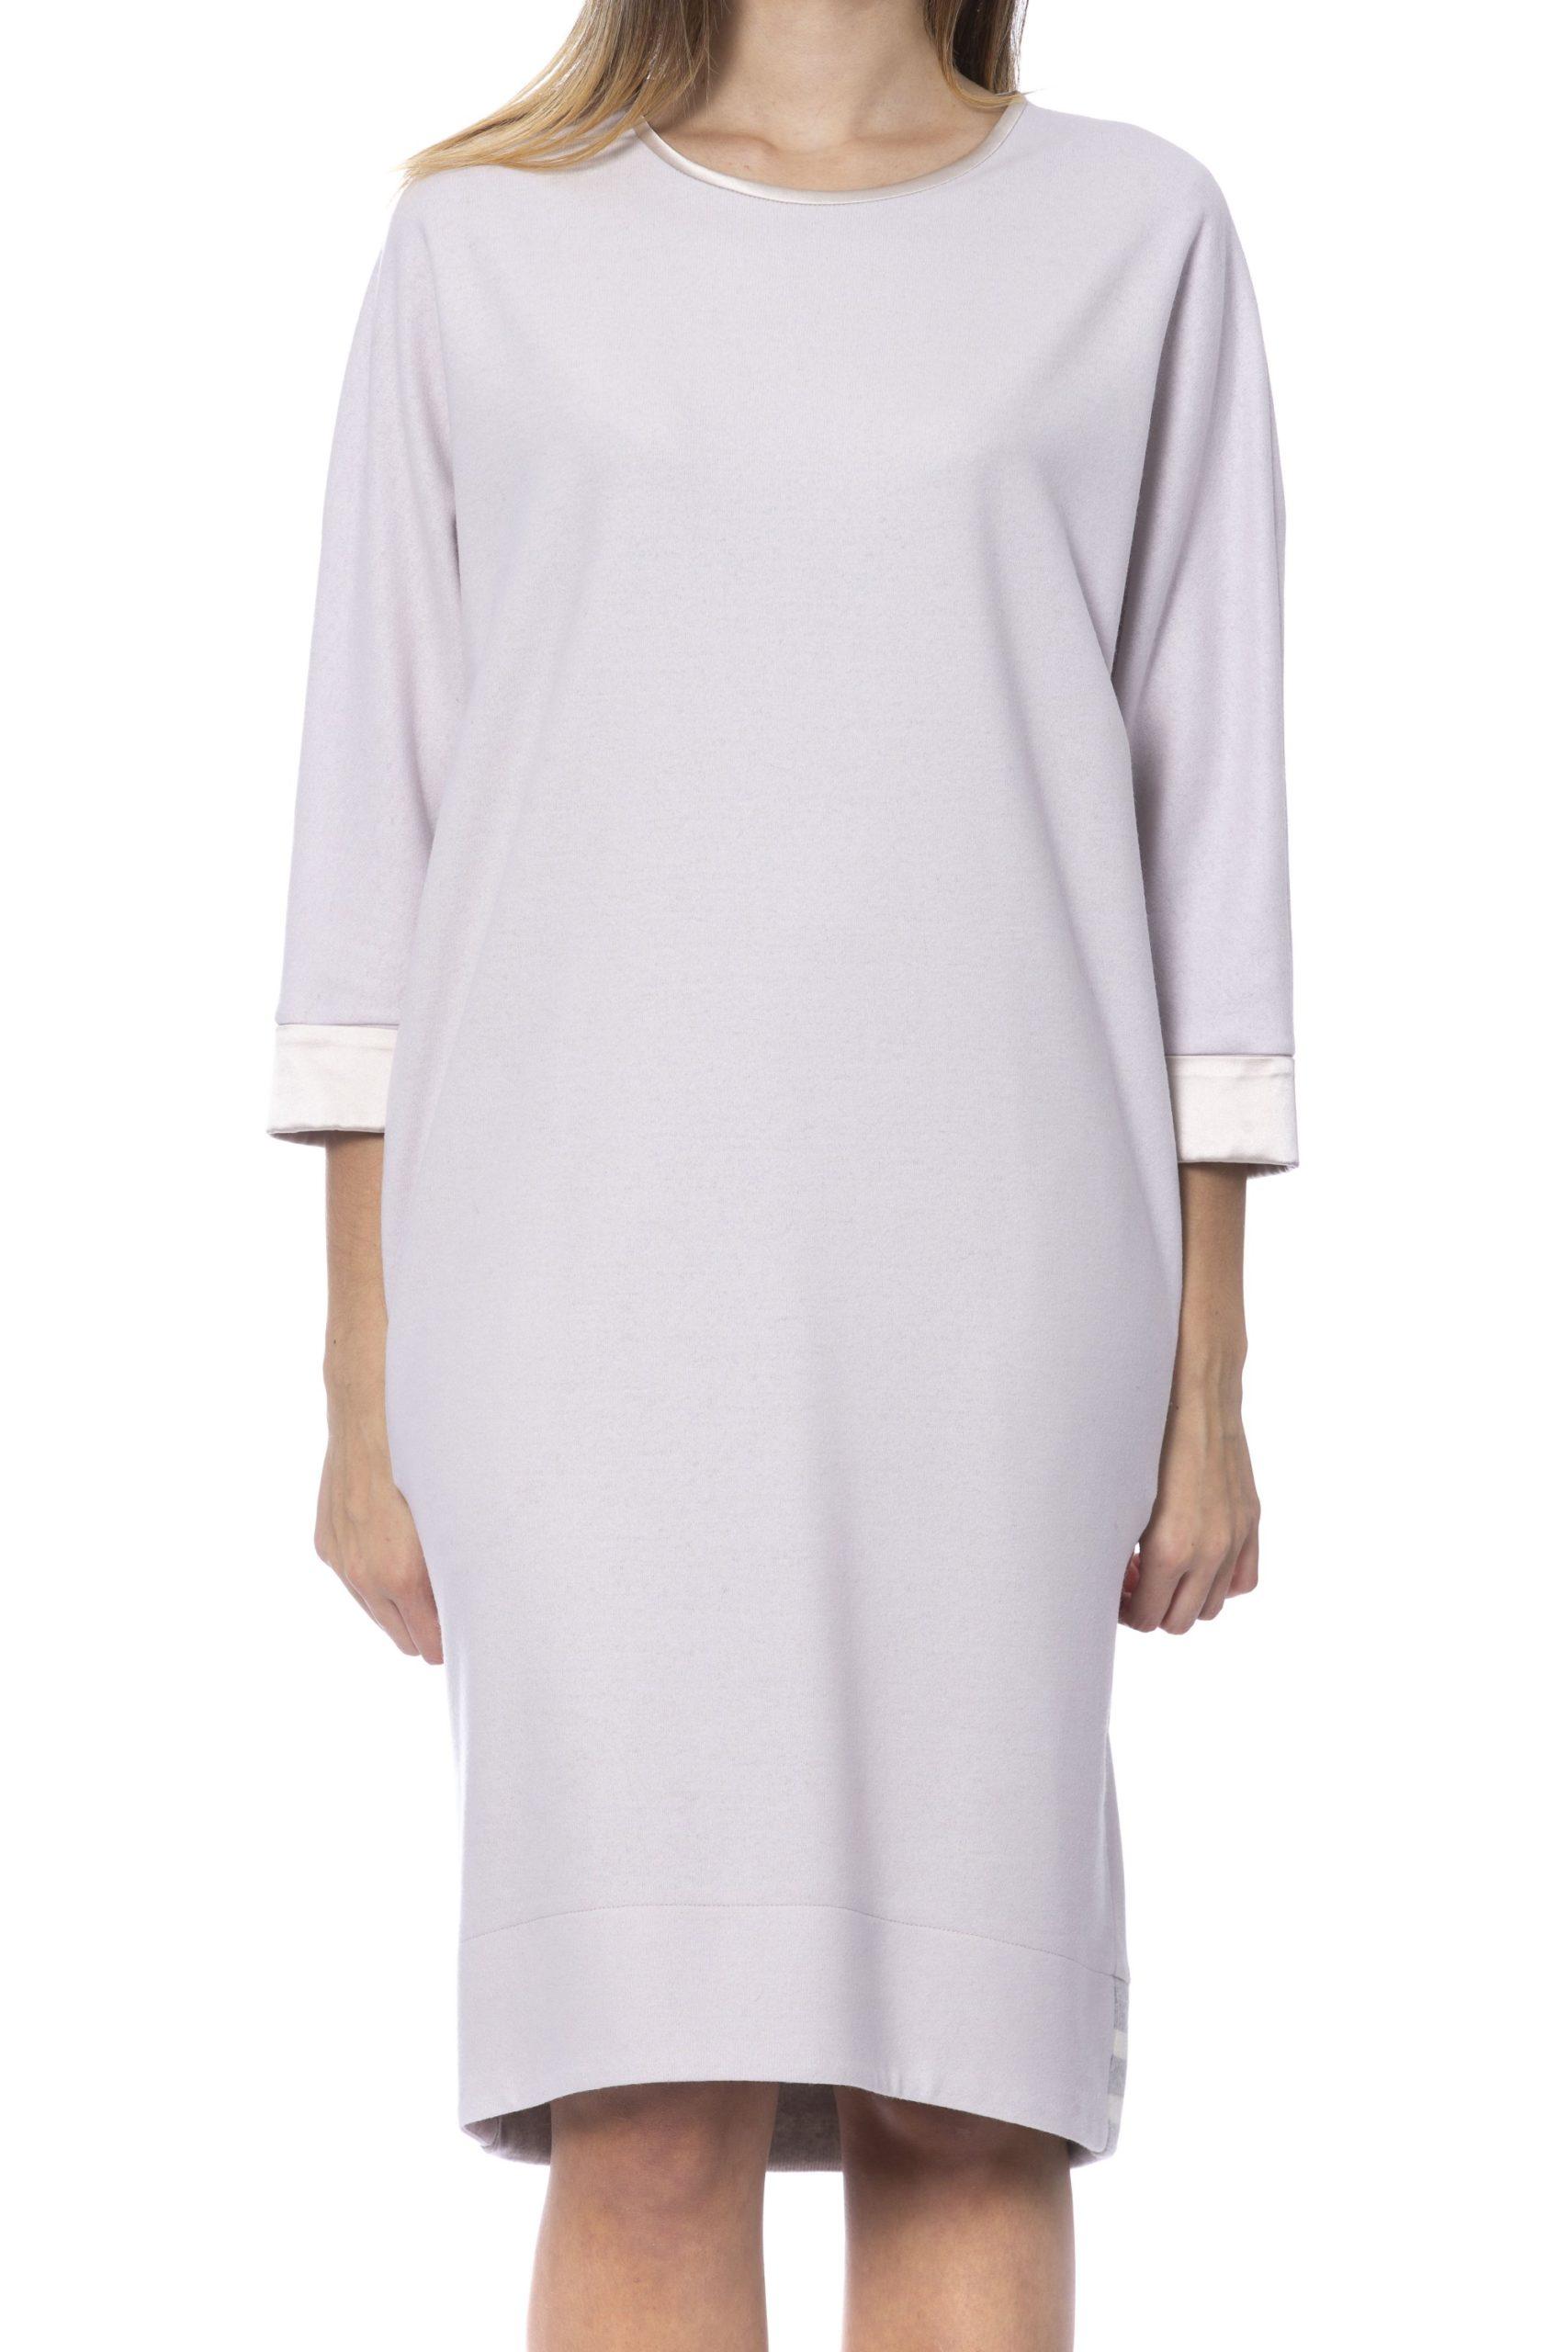 Peserico Women's Dress Beige PE993408 - IT42 | S